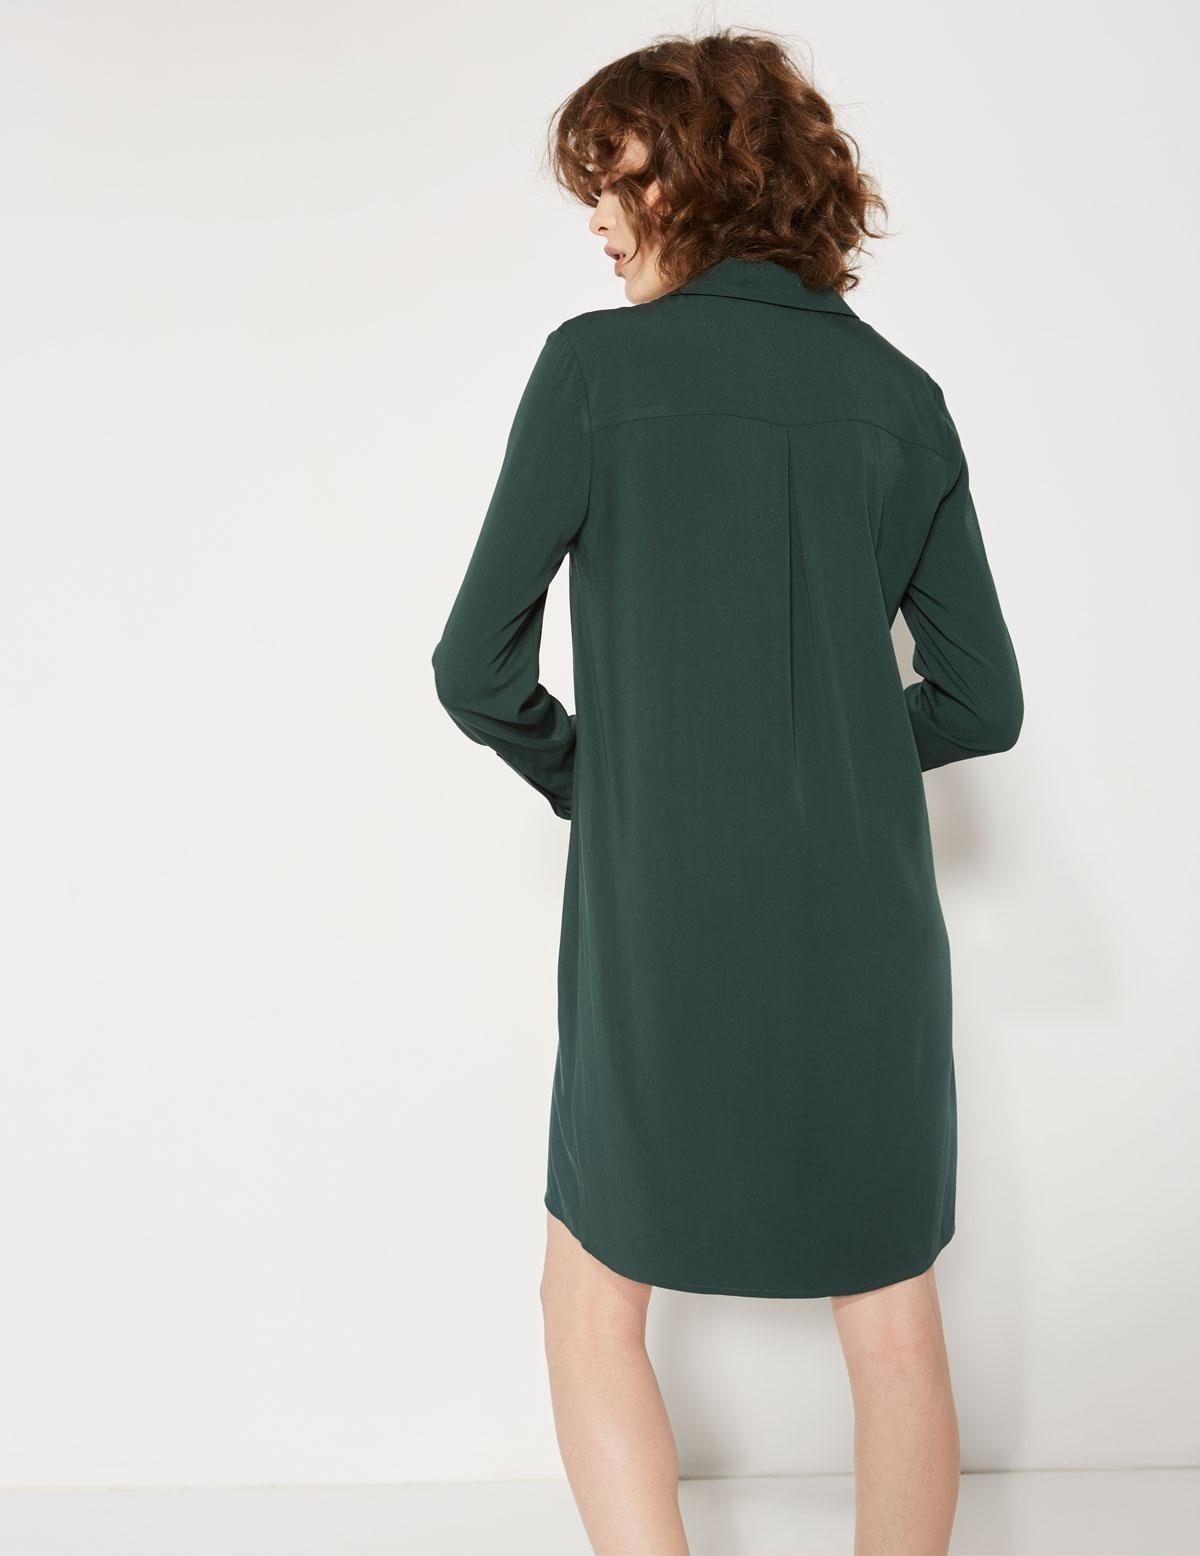 Vestido camisero - Ítem2